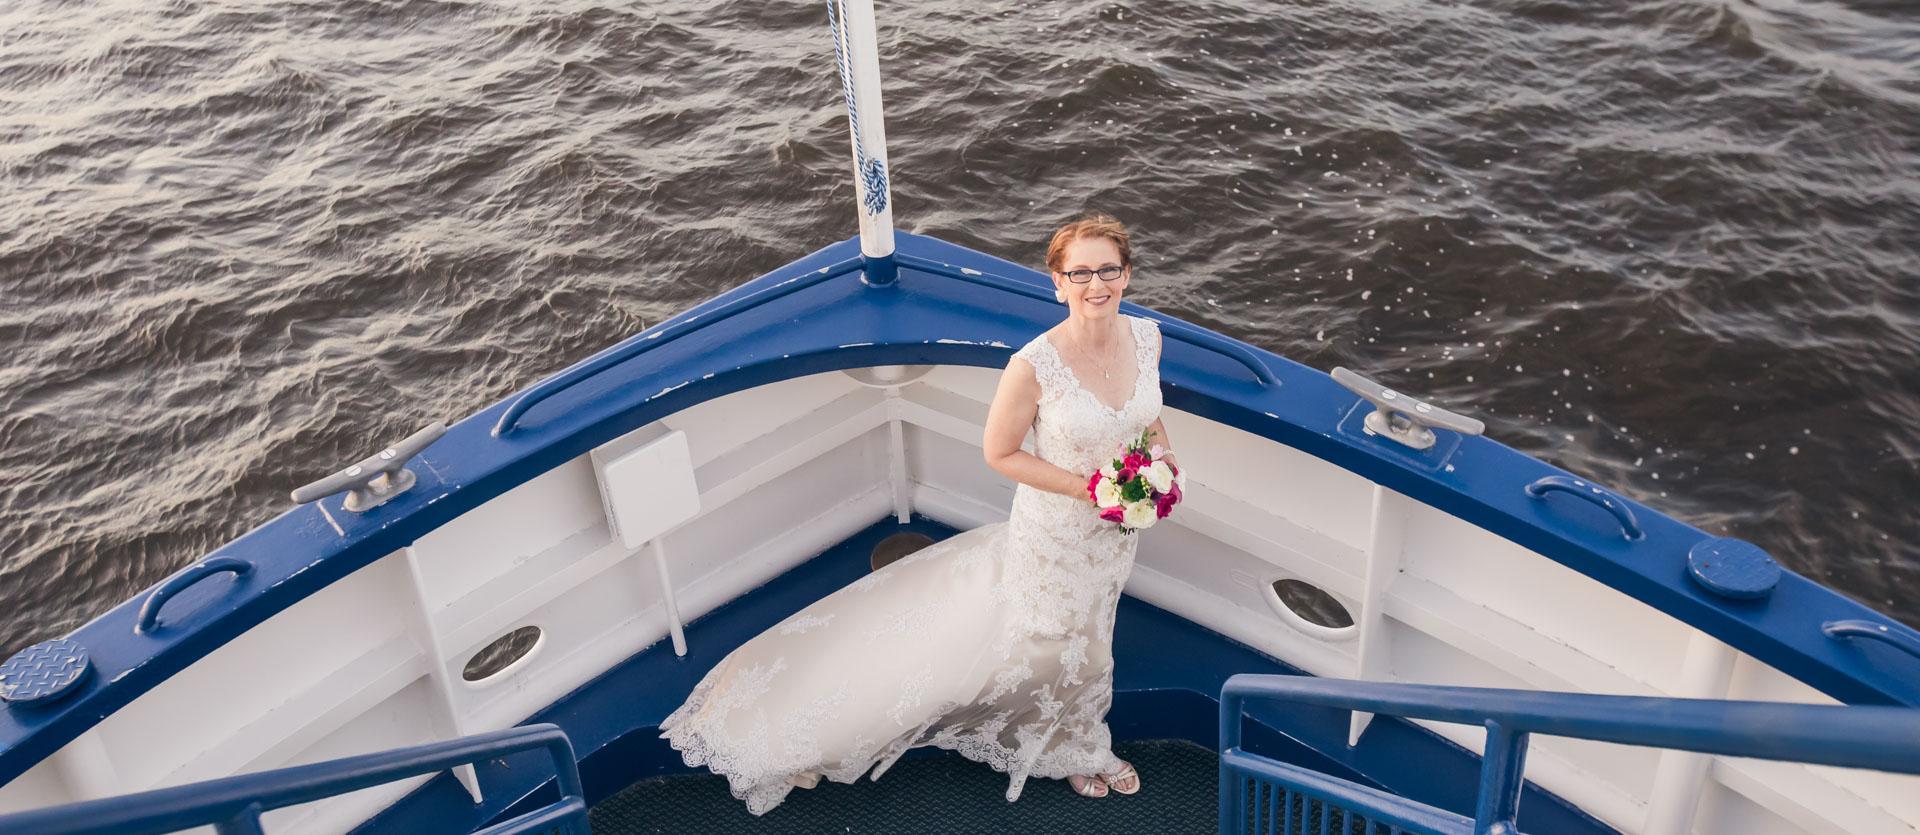 jan-is-a-bride